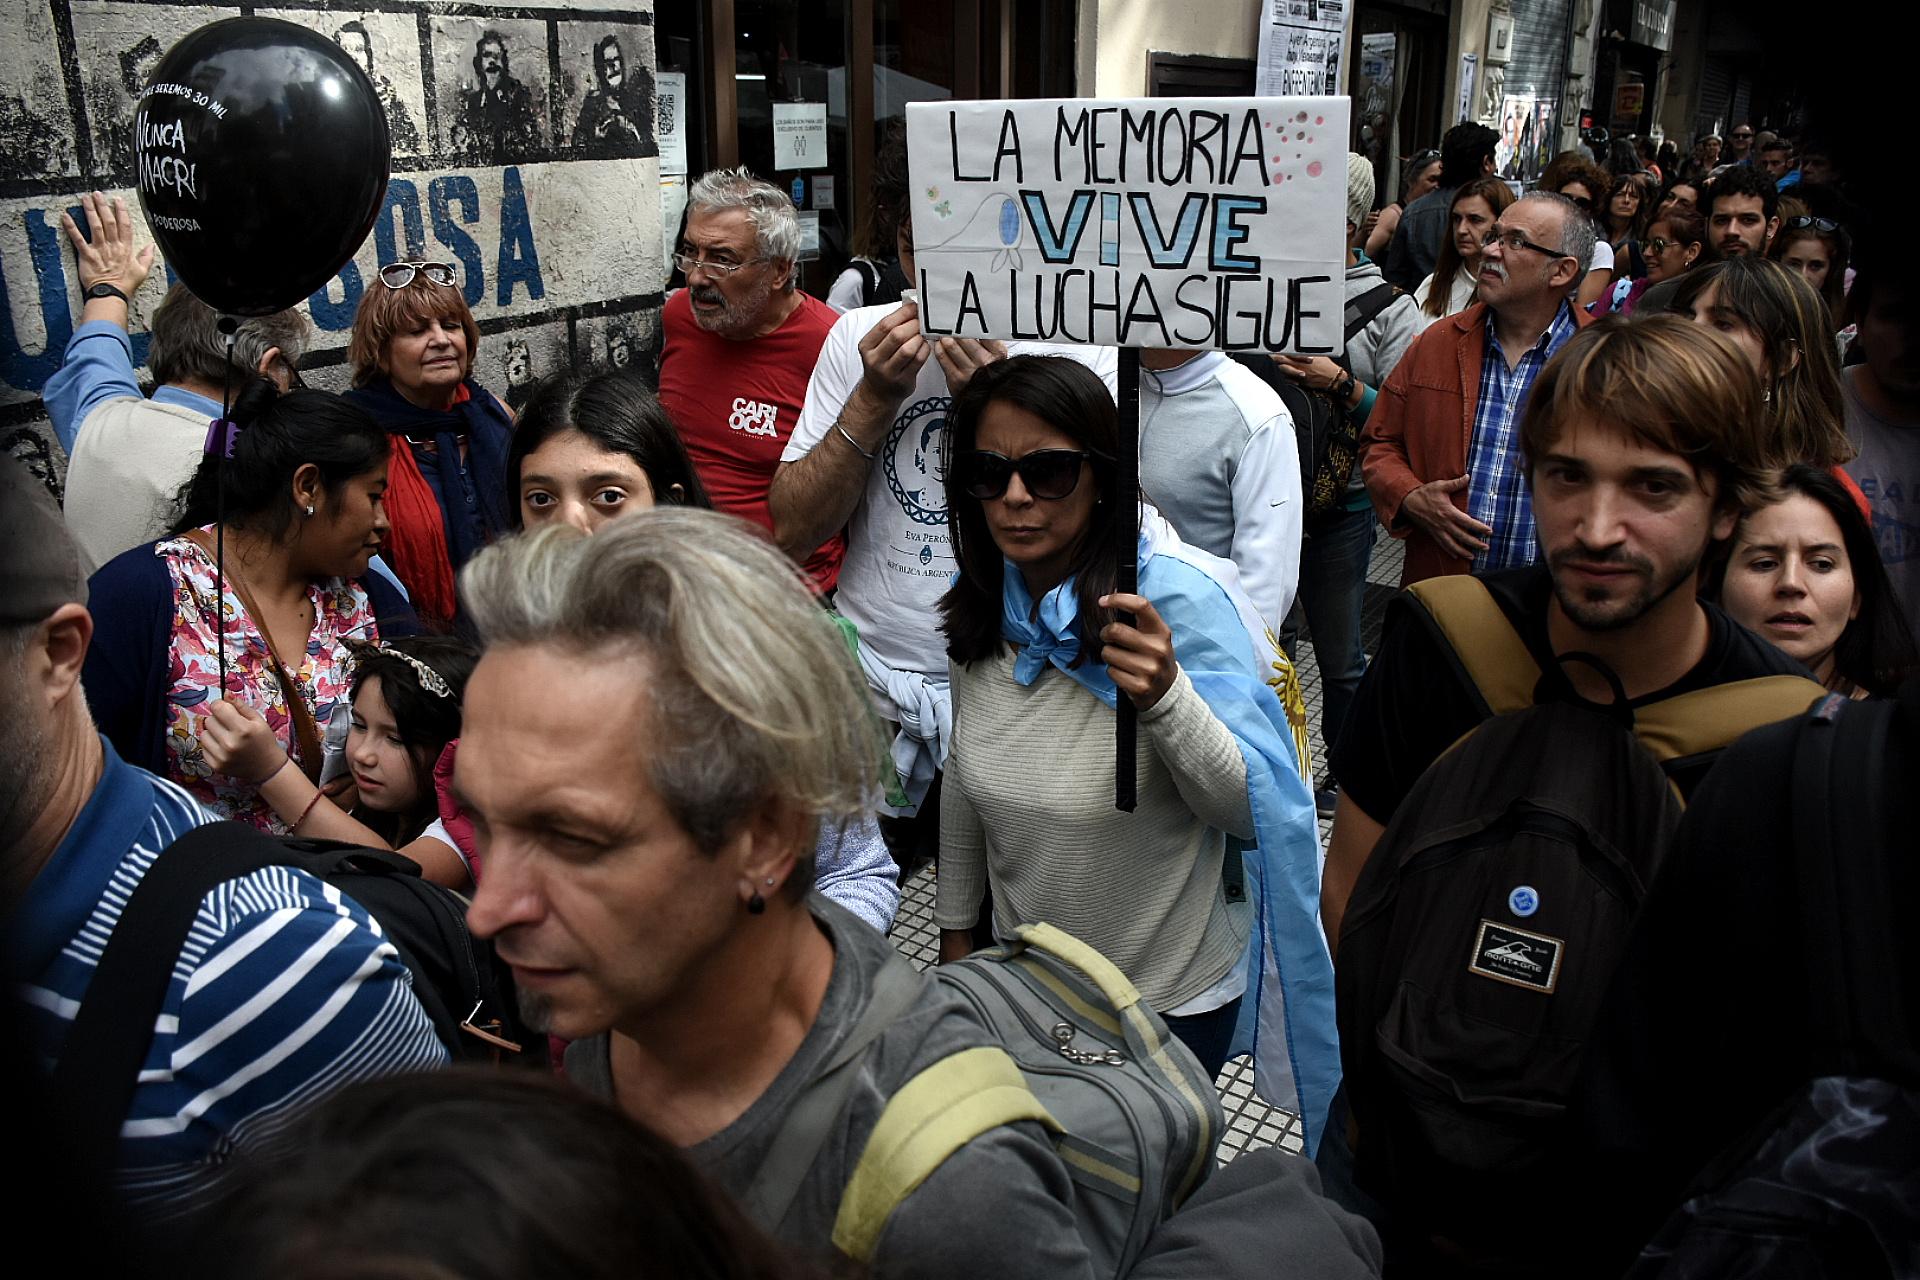 Los ciudadanos marcharon con carteles, banderas y consignas políticas